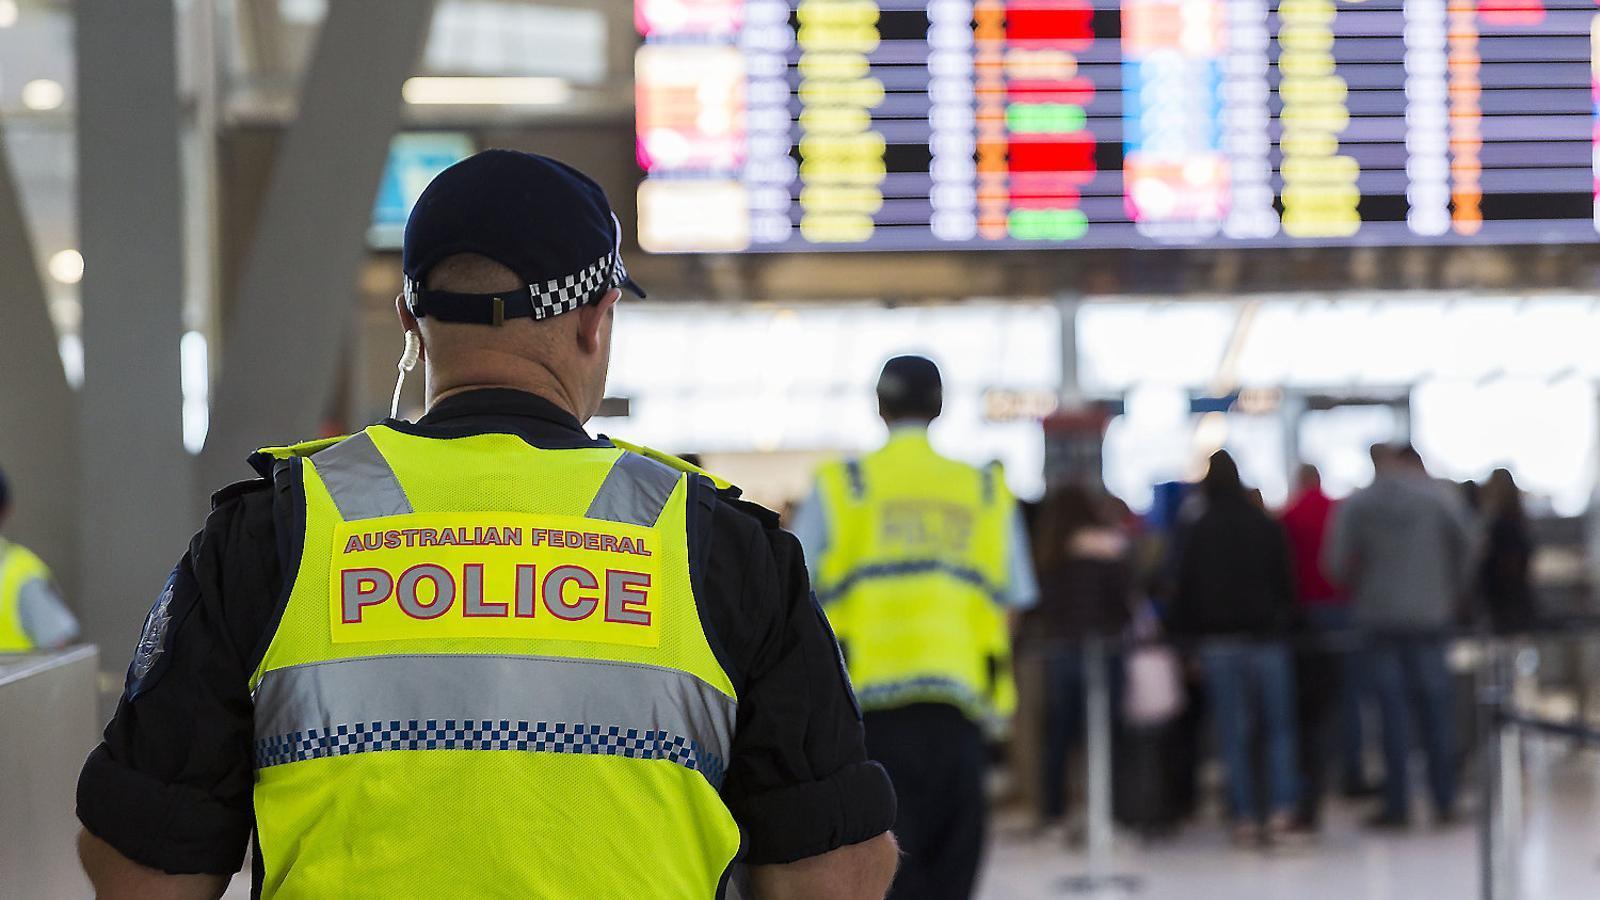 Agents de policia vigilant l'aeroport de Sydney, a Austràlia. Ahir va ser detingut un pederasta que intentava viatjar fora del país.